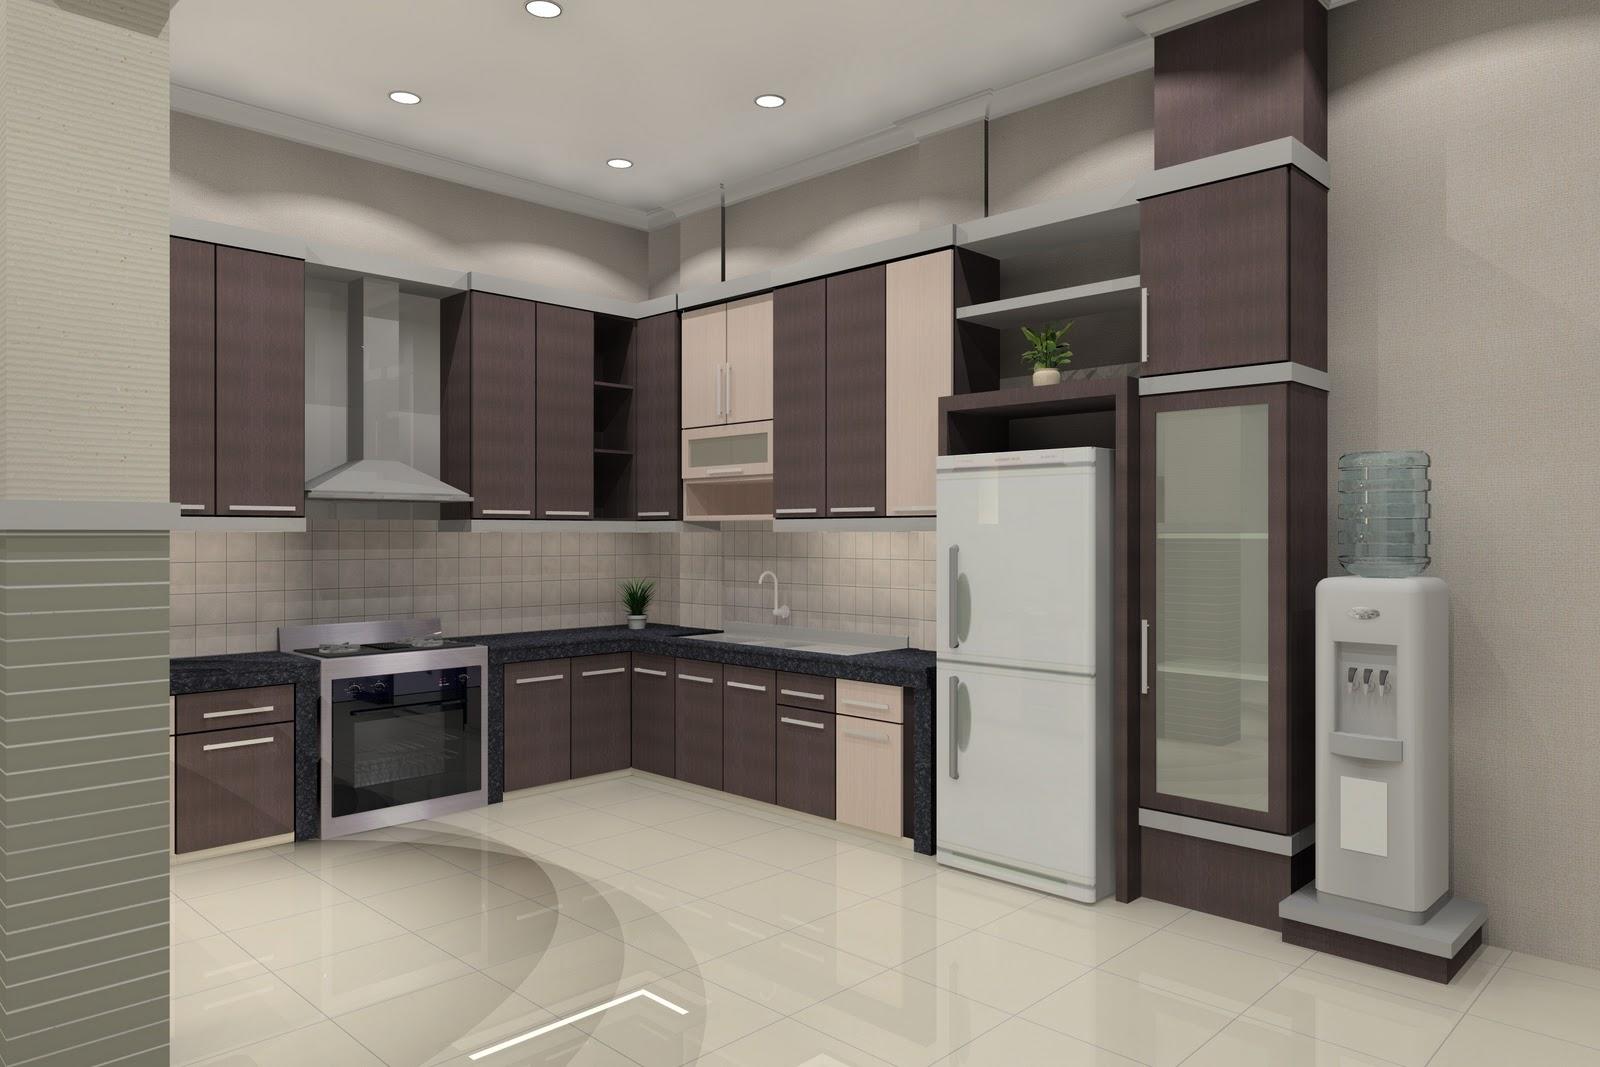 Interior rumah minimalis desain interior minimalis for Interior decoration rumah